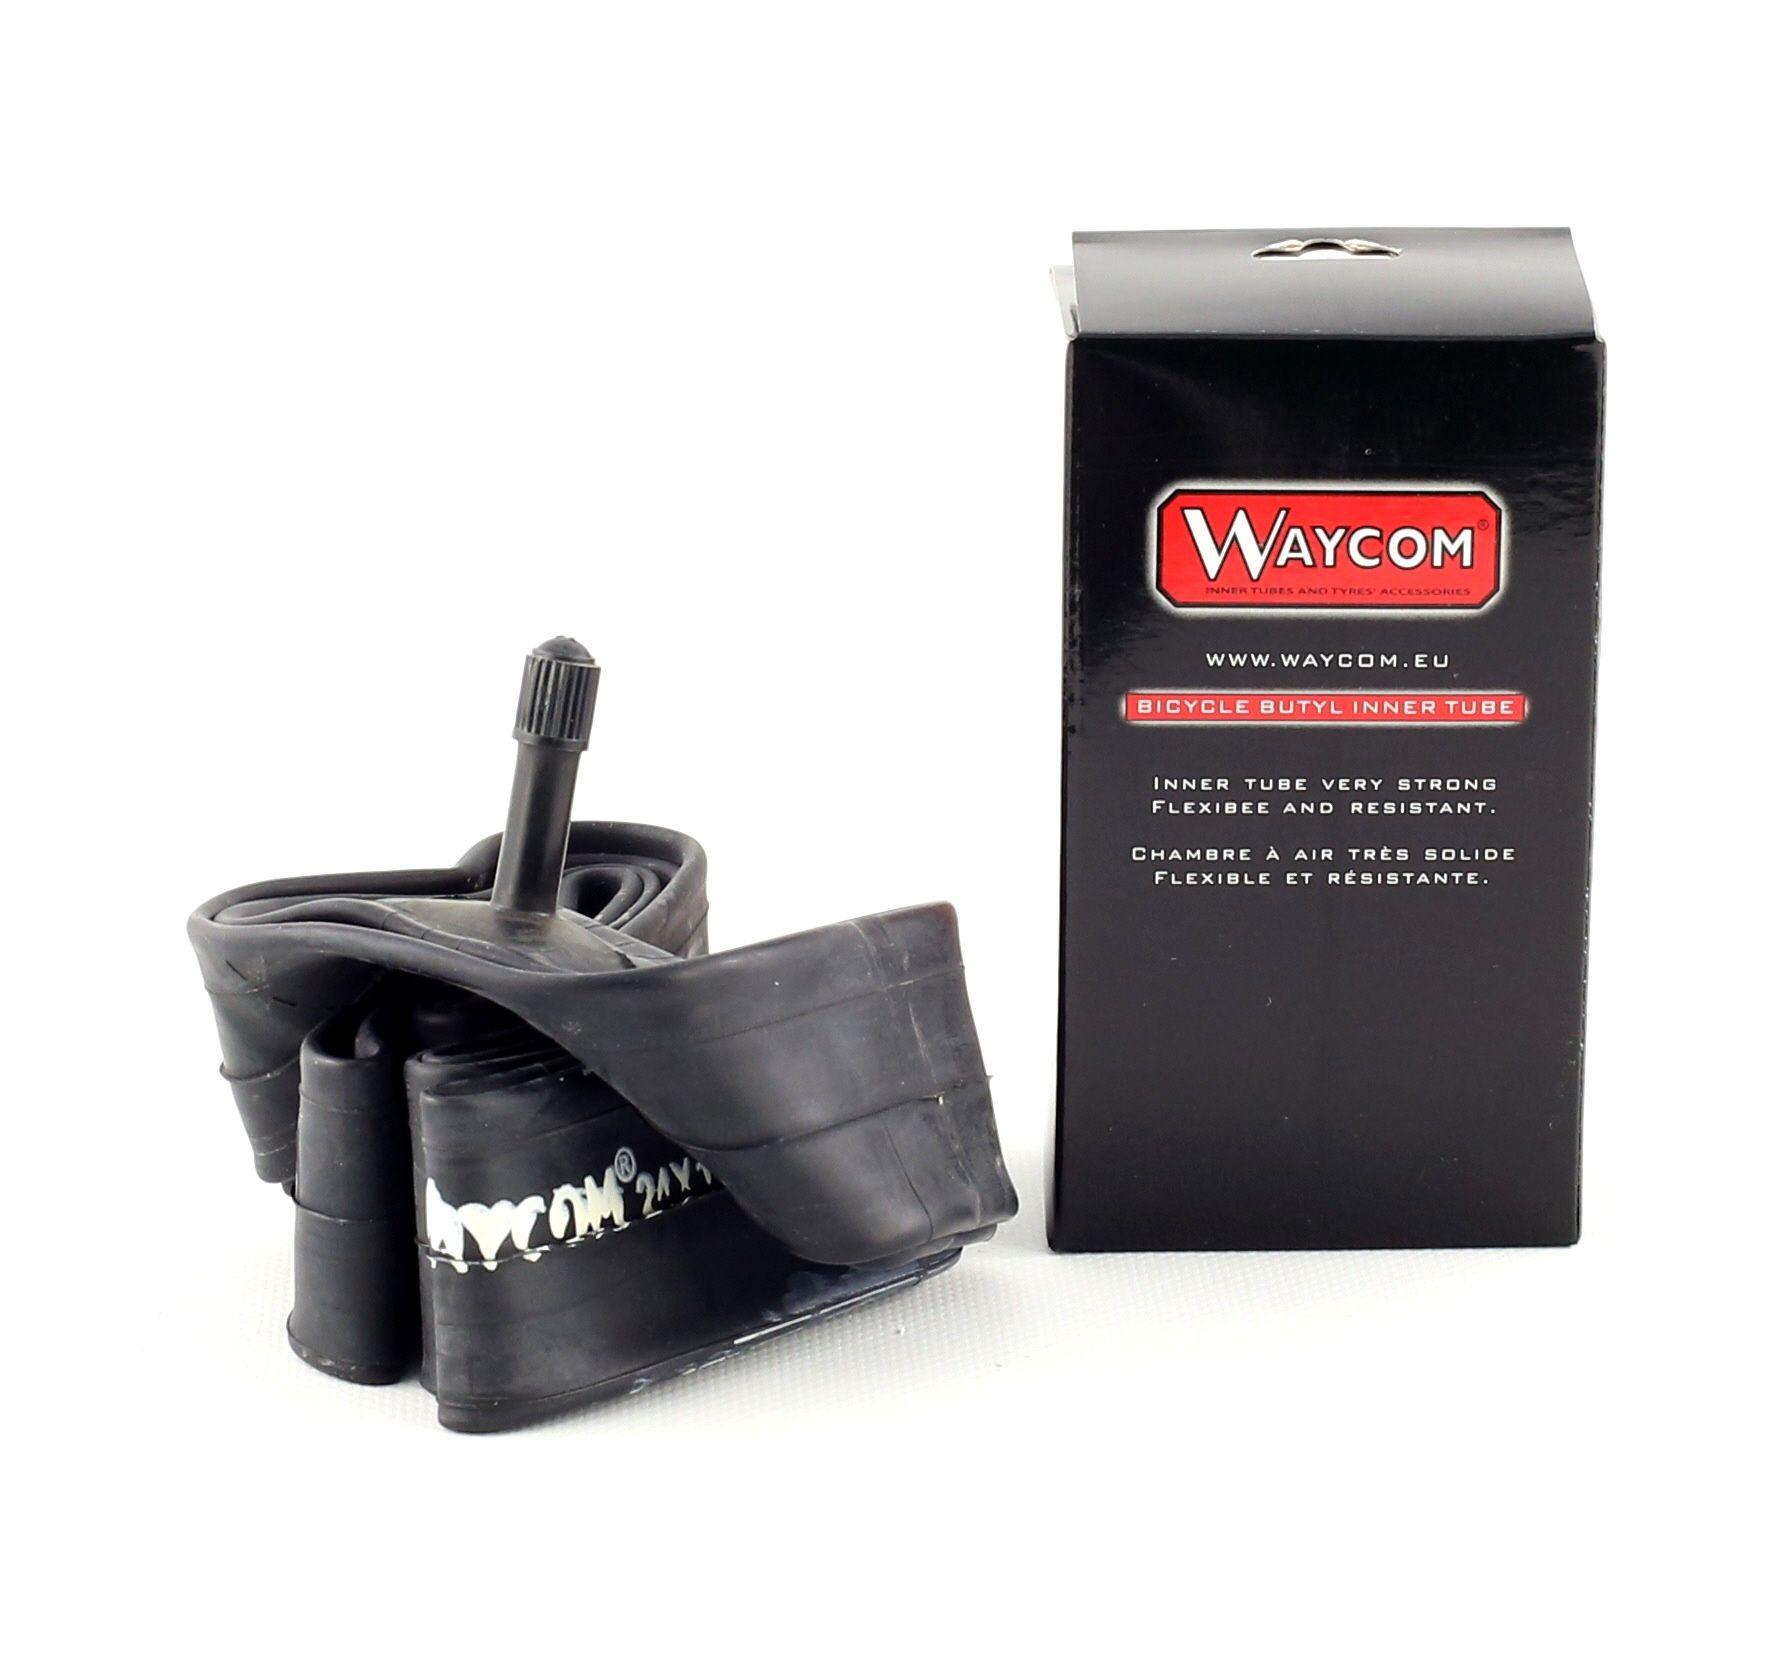 Chambre à air Waycom 24 x 1.75/2.125 renforcée Butyle Schrader